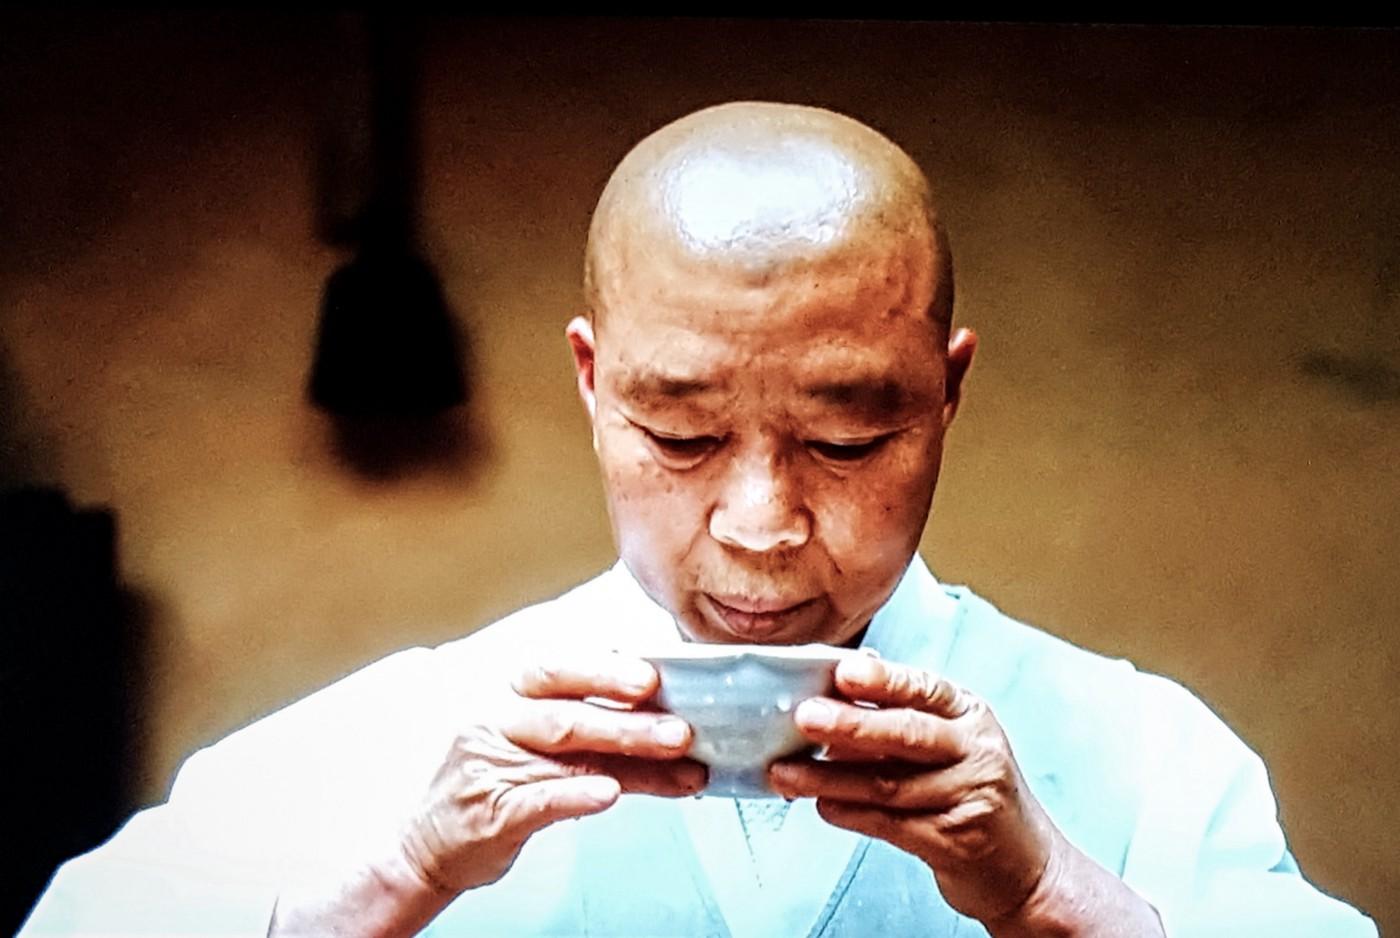 Jeong Kwan, monja budista e uma das maiores cozinheiras do mundo (templo Baekyangsa, Coreia do Sul)